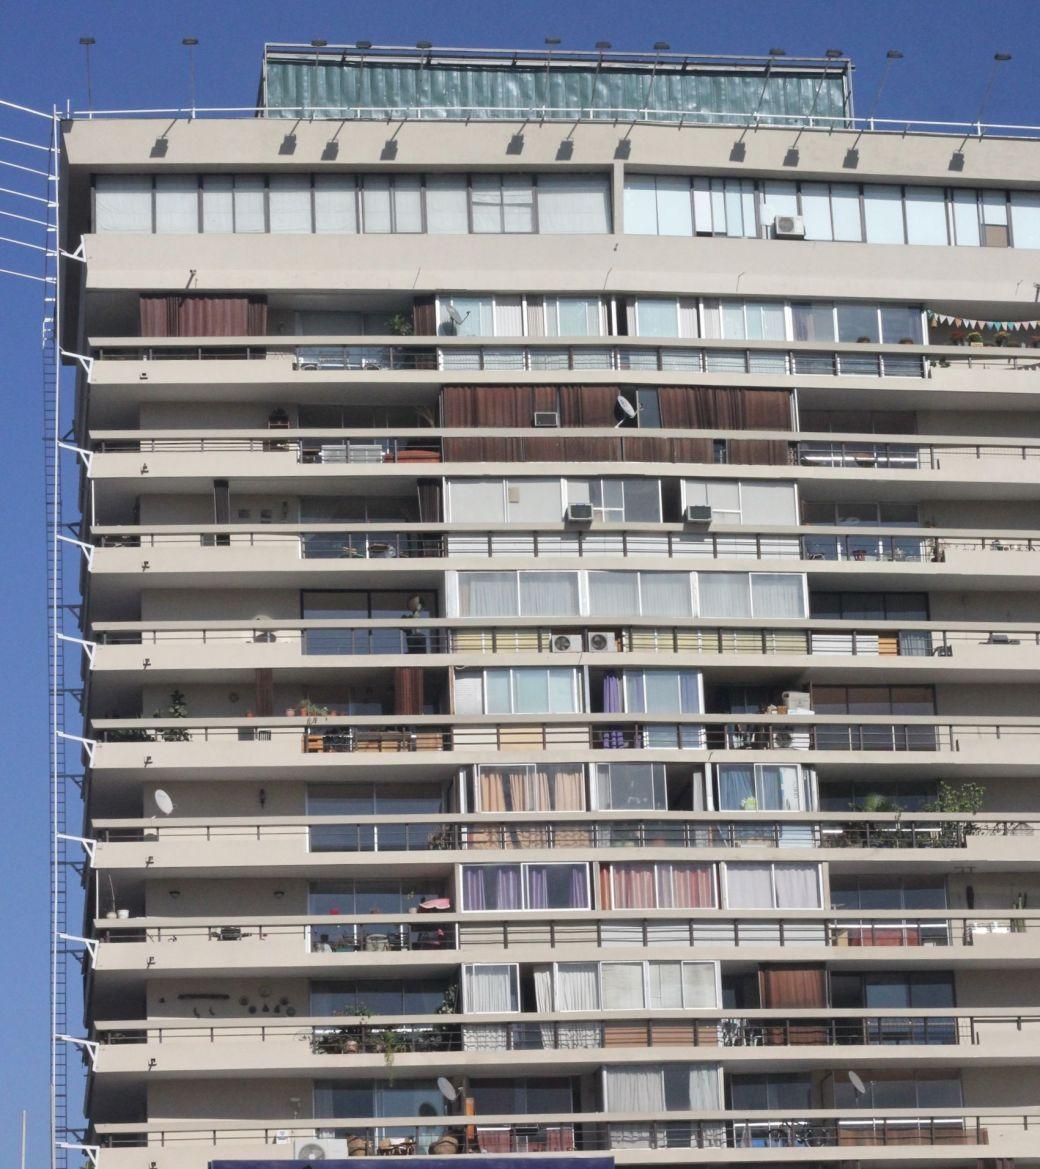 chile santiago apartment building blue sky